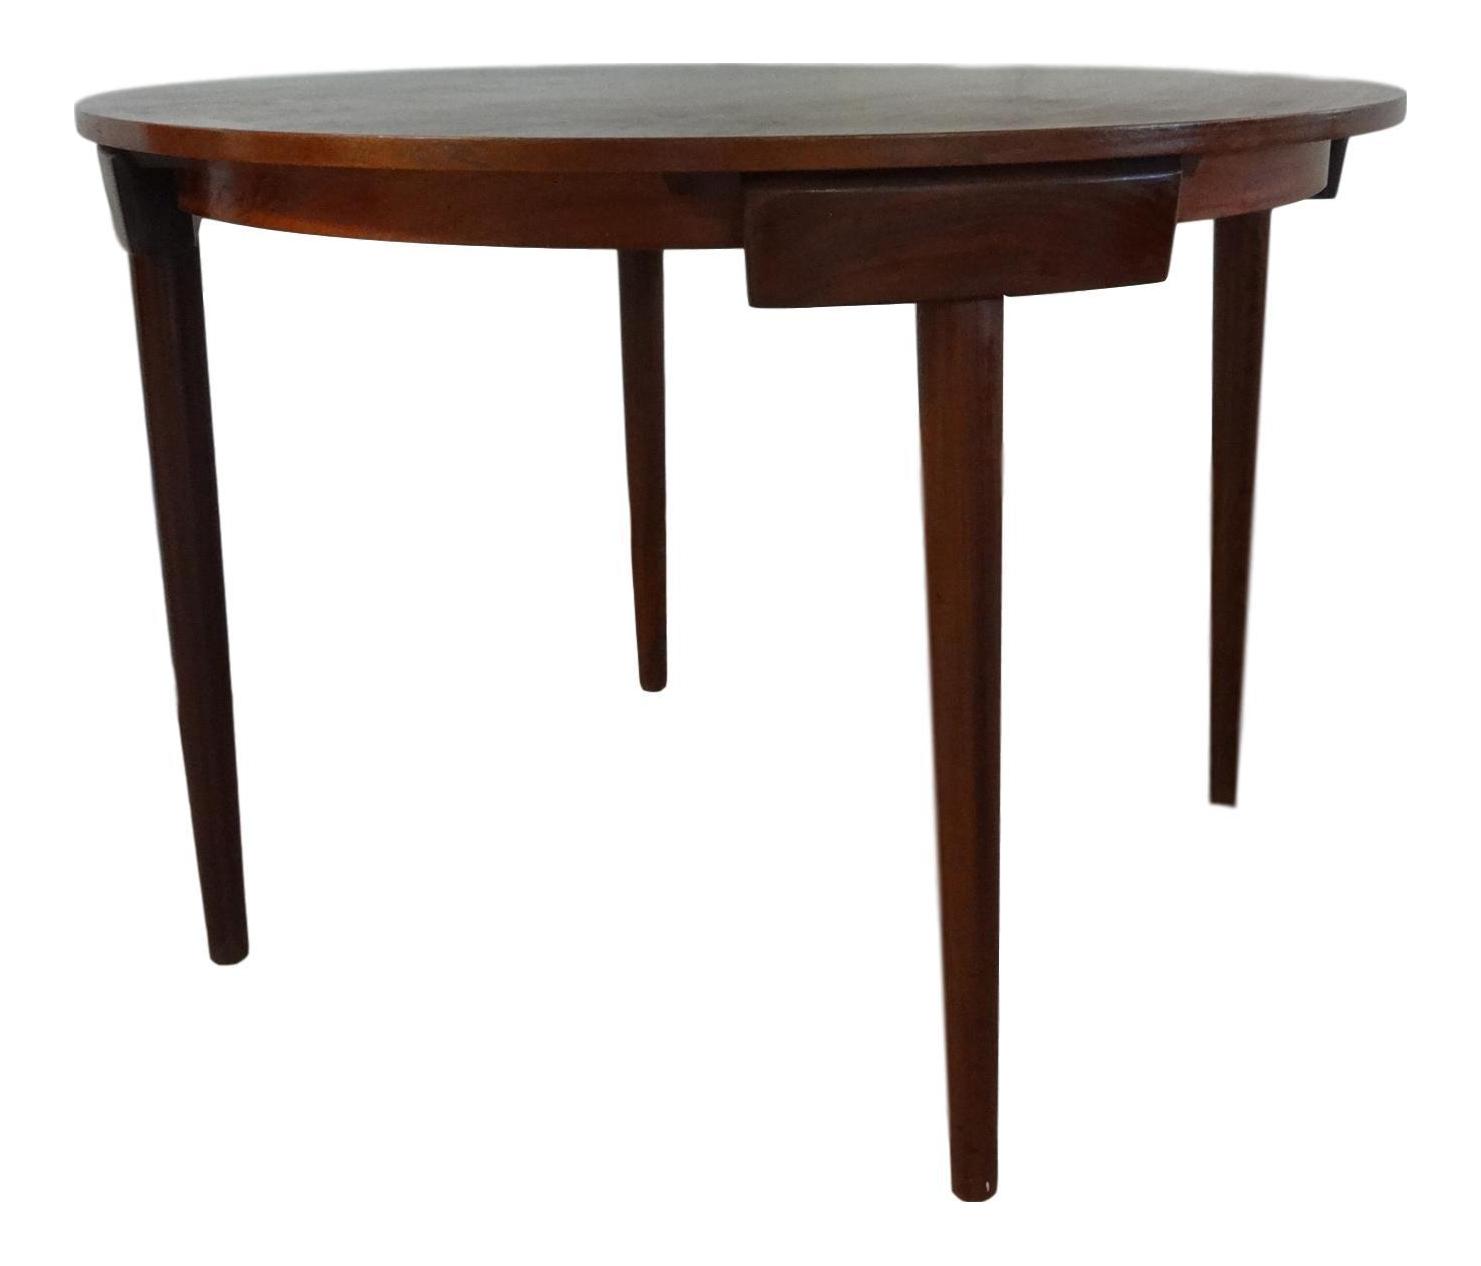 Danish Dining Table By Hans Olsen For Frem Rojle   Image 1 Of 11